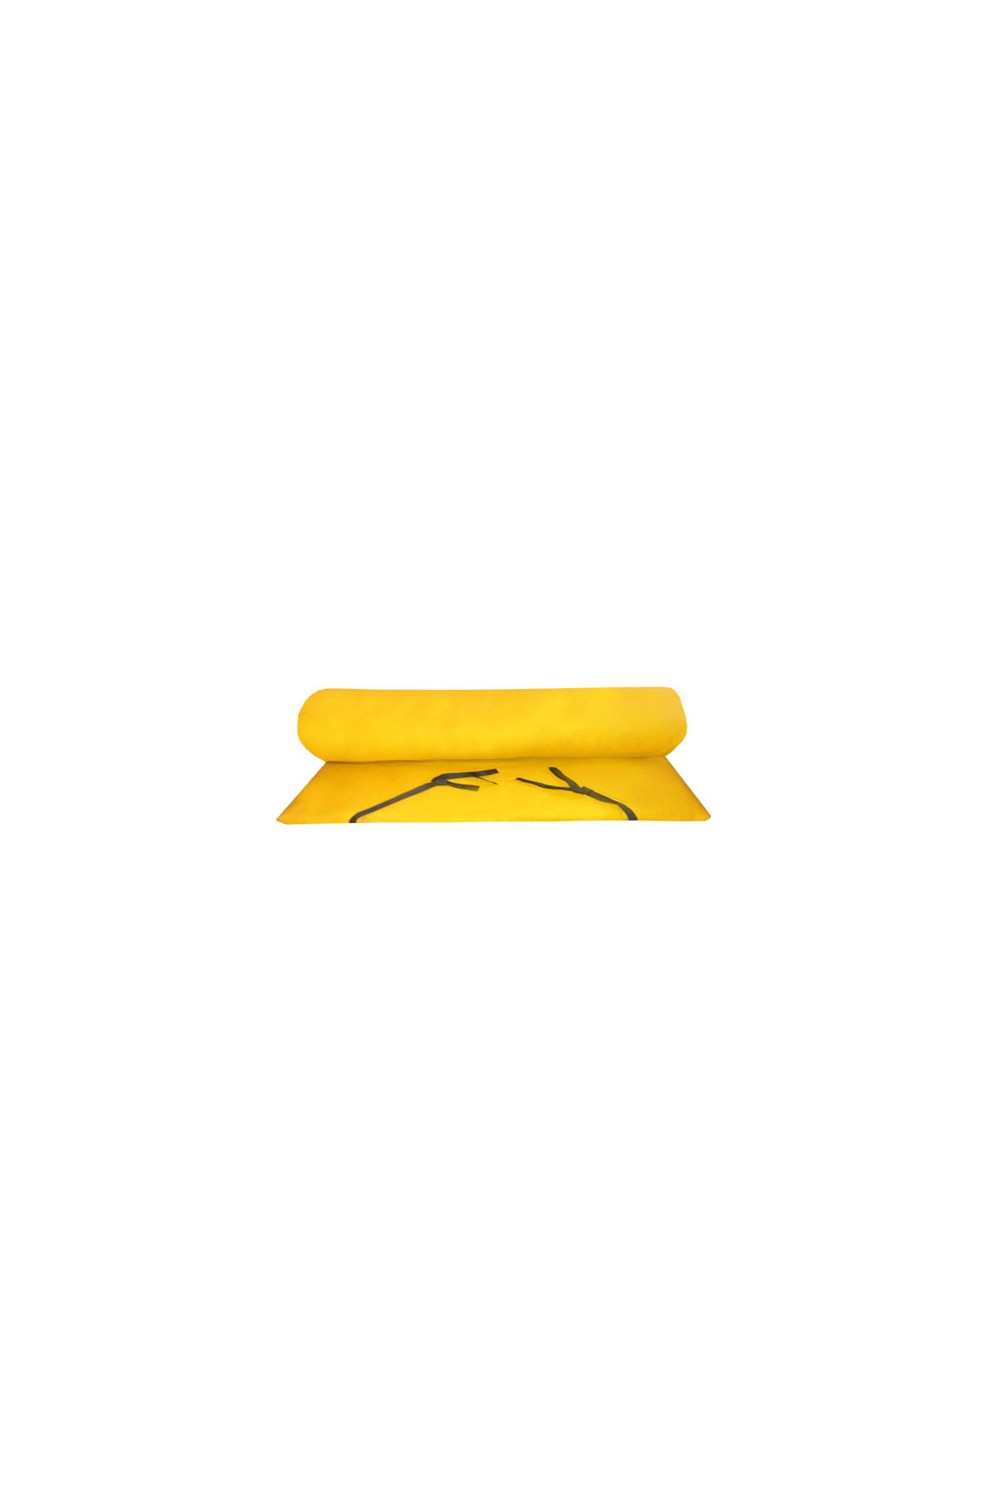 ... Tapis de Yoga Coton Futon Zabuton u0026gt; Matelas de Yoga Tapis de